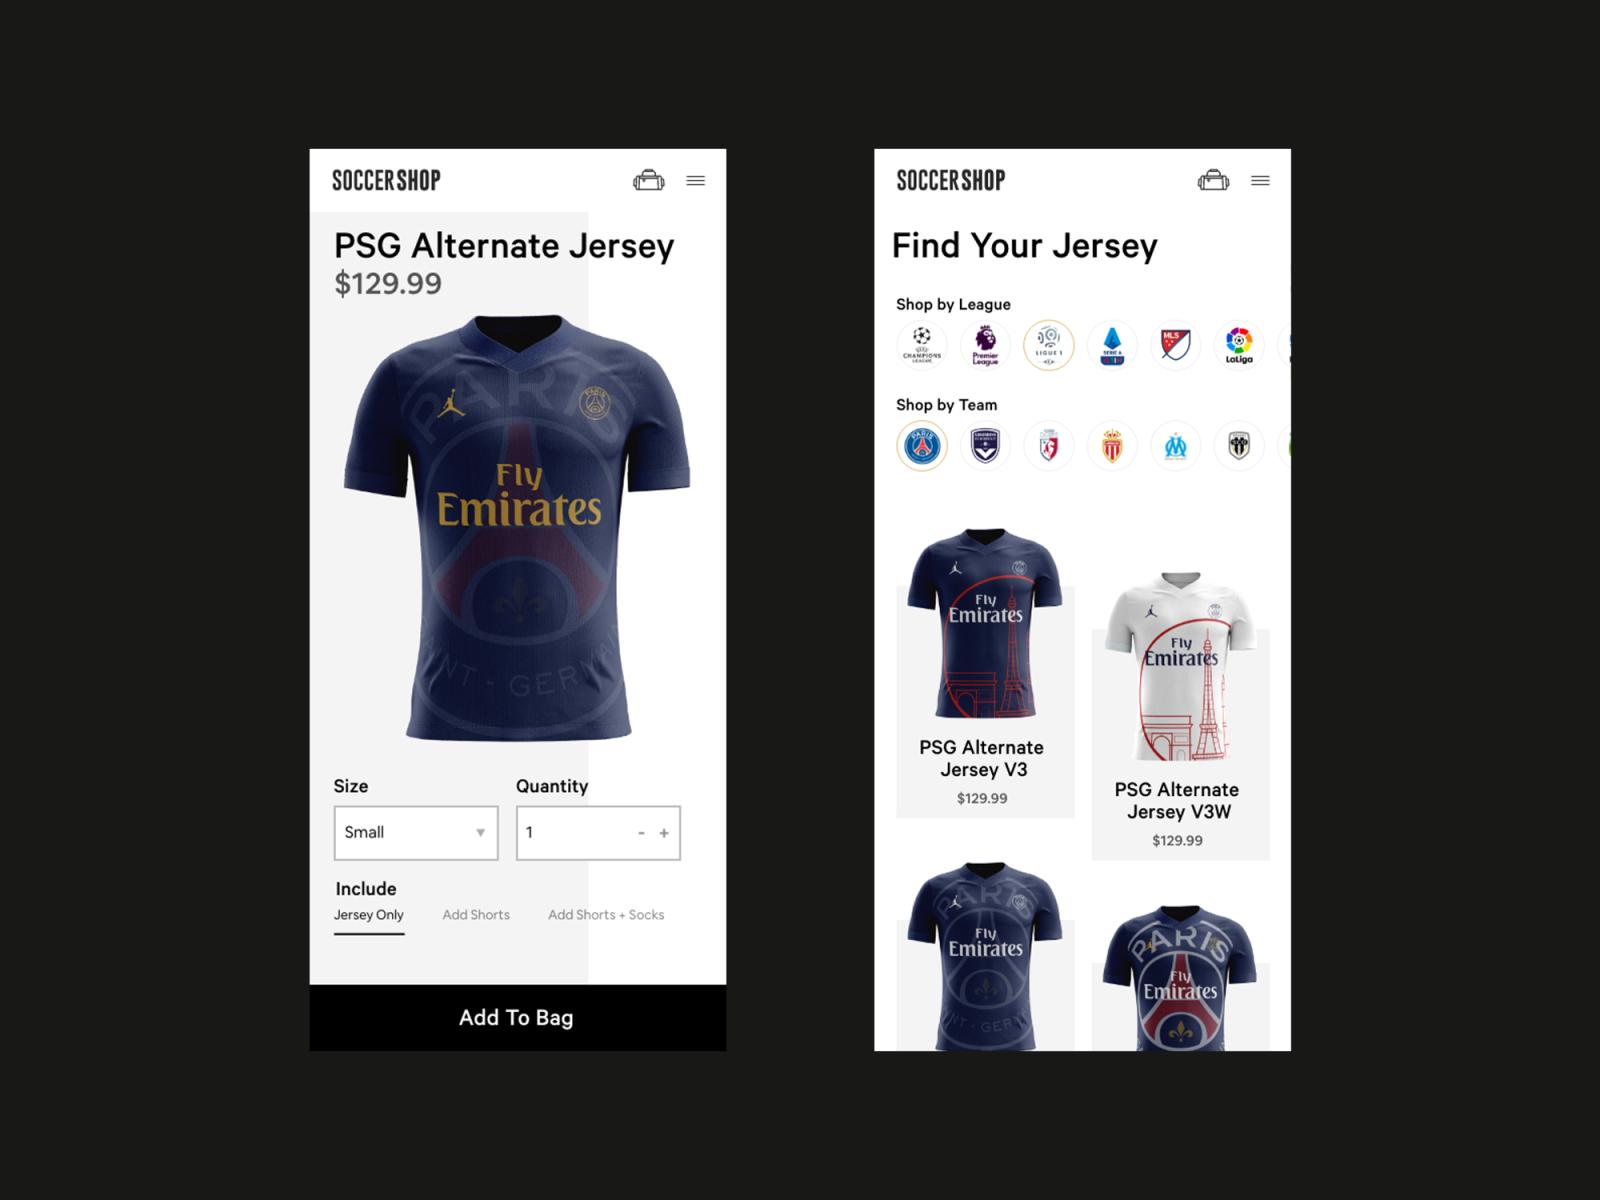 Soccer Store Mobile App By Matt Mckenna For Delt On Dribbble